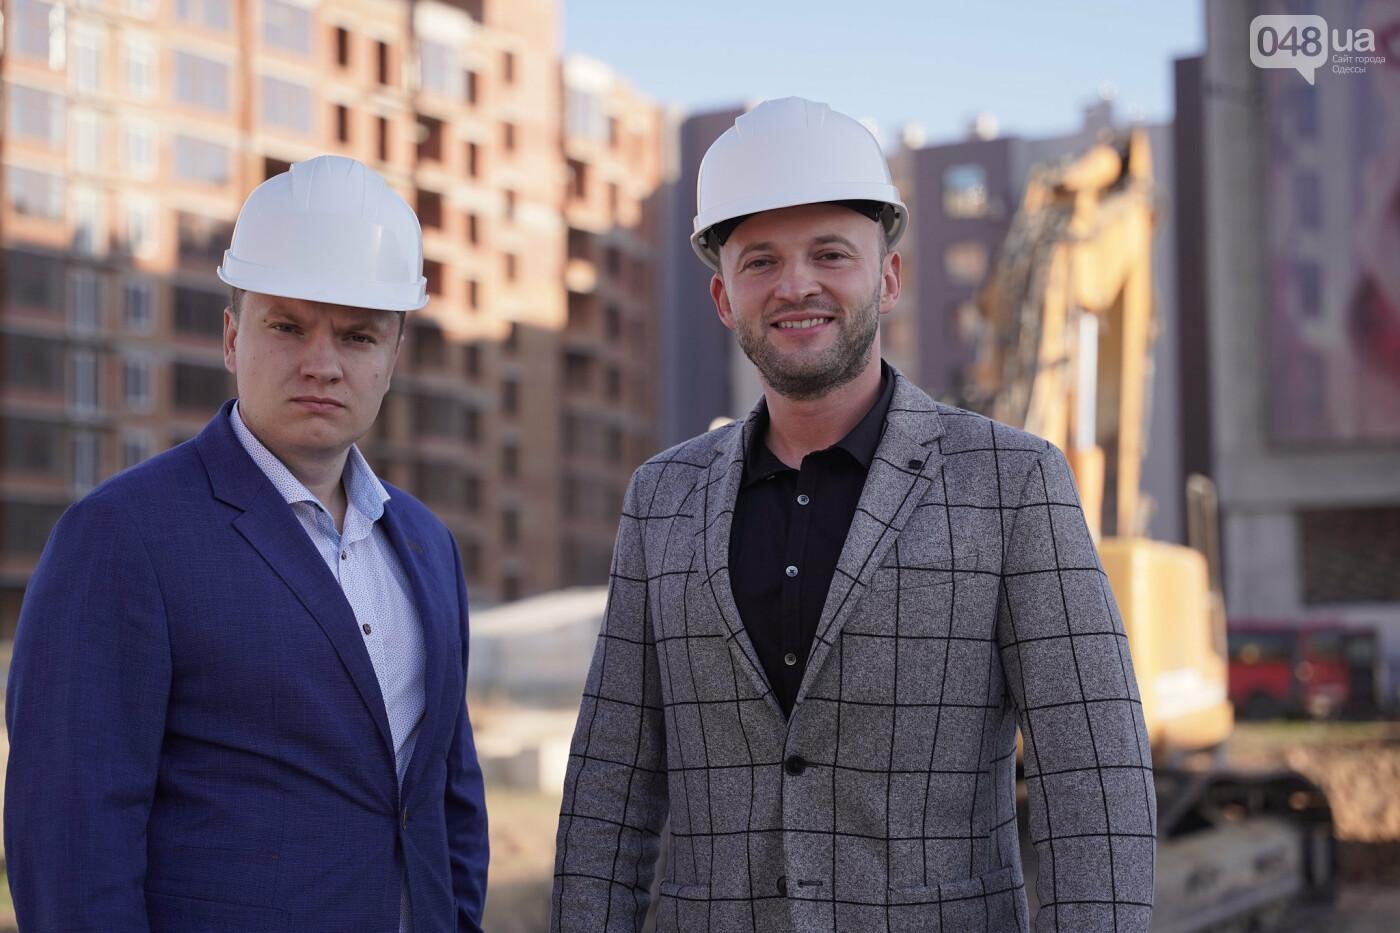 Очередной недострой в Одессе будет достроен и более 100 семей получат ключи от долгожданных квартир., фото-1